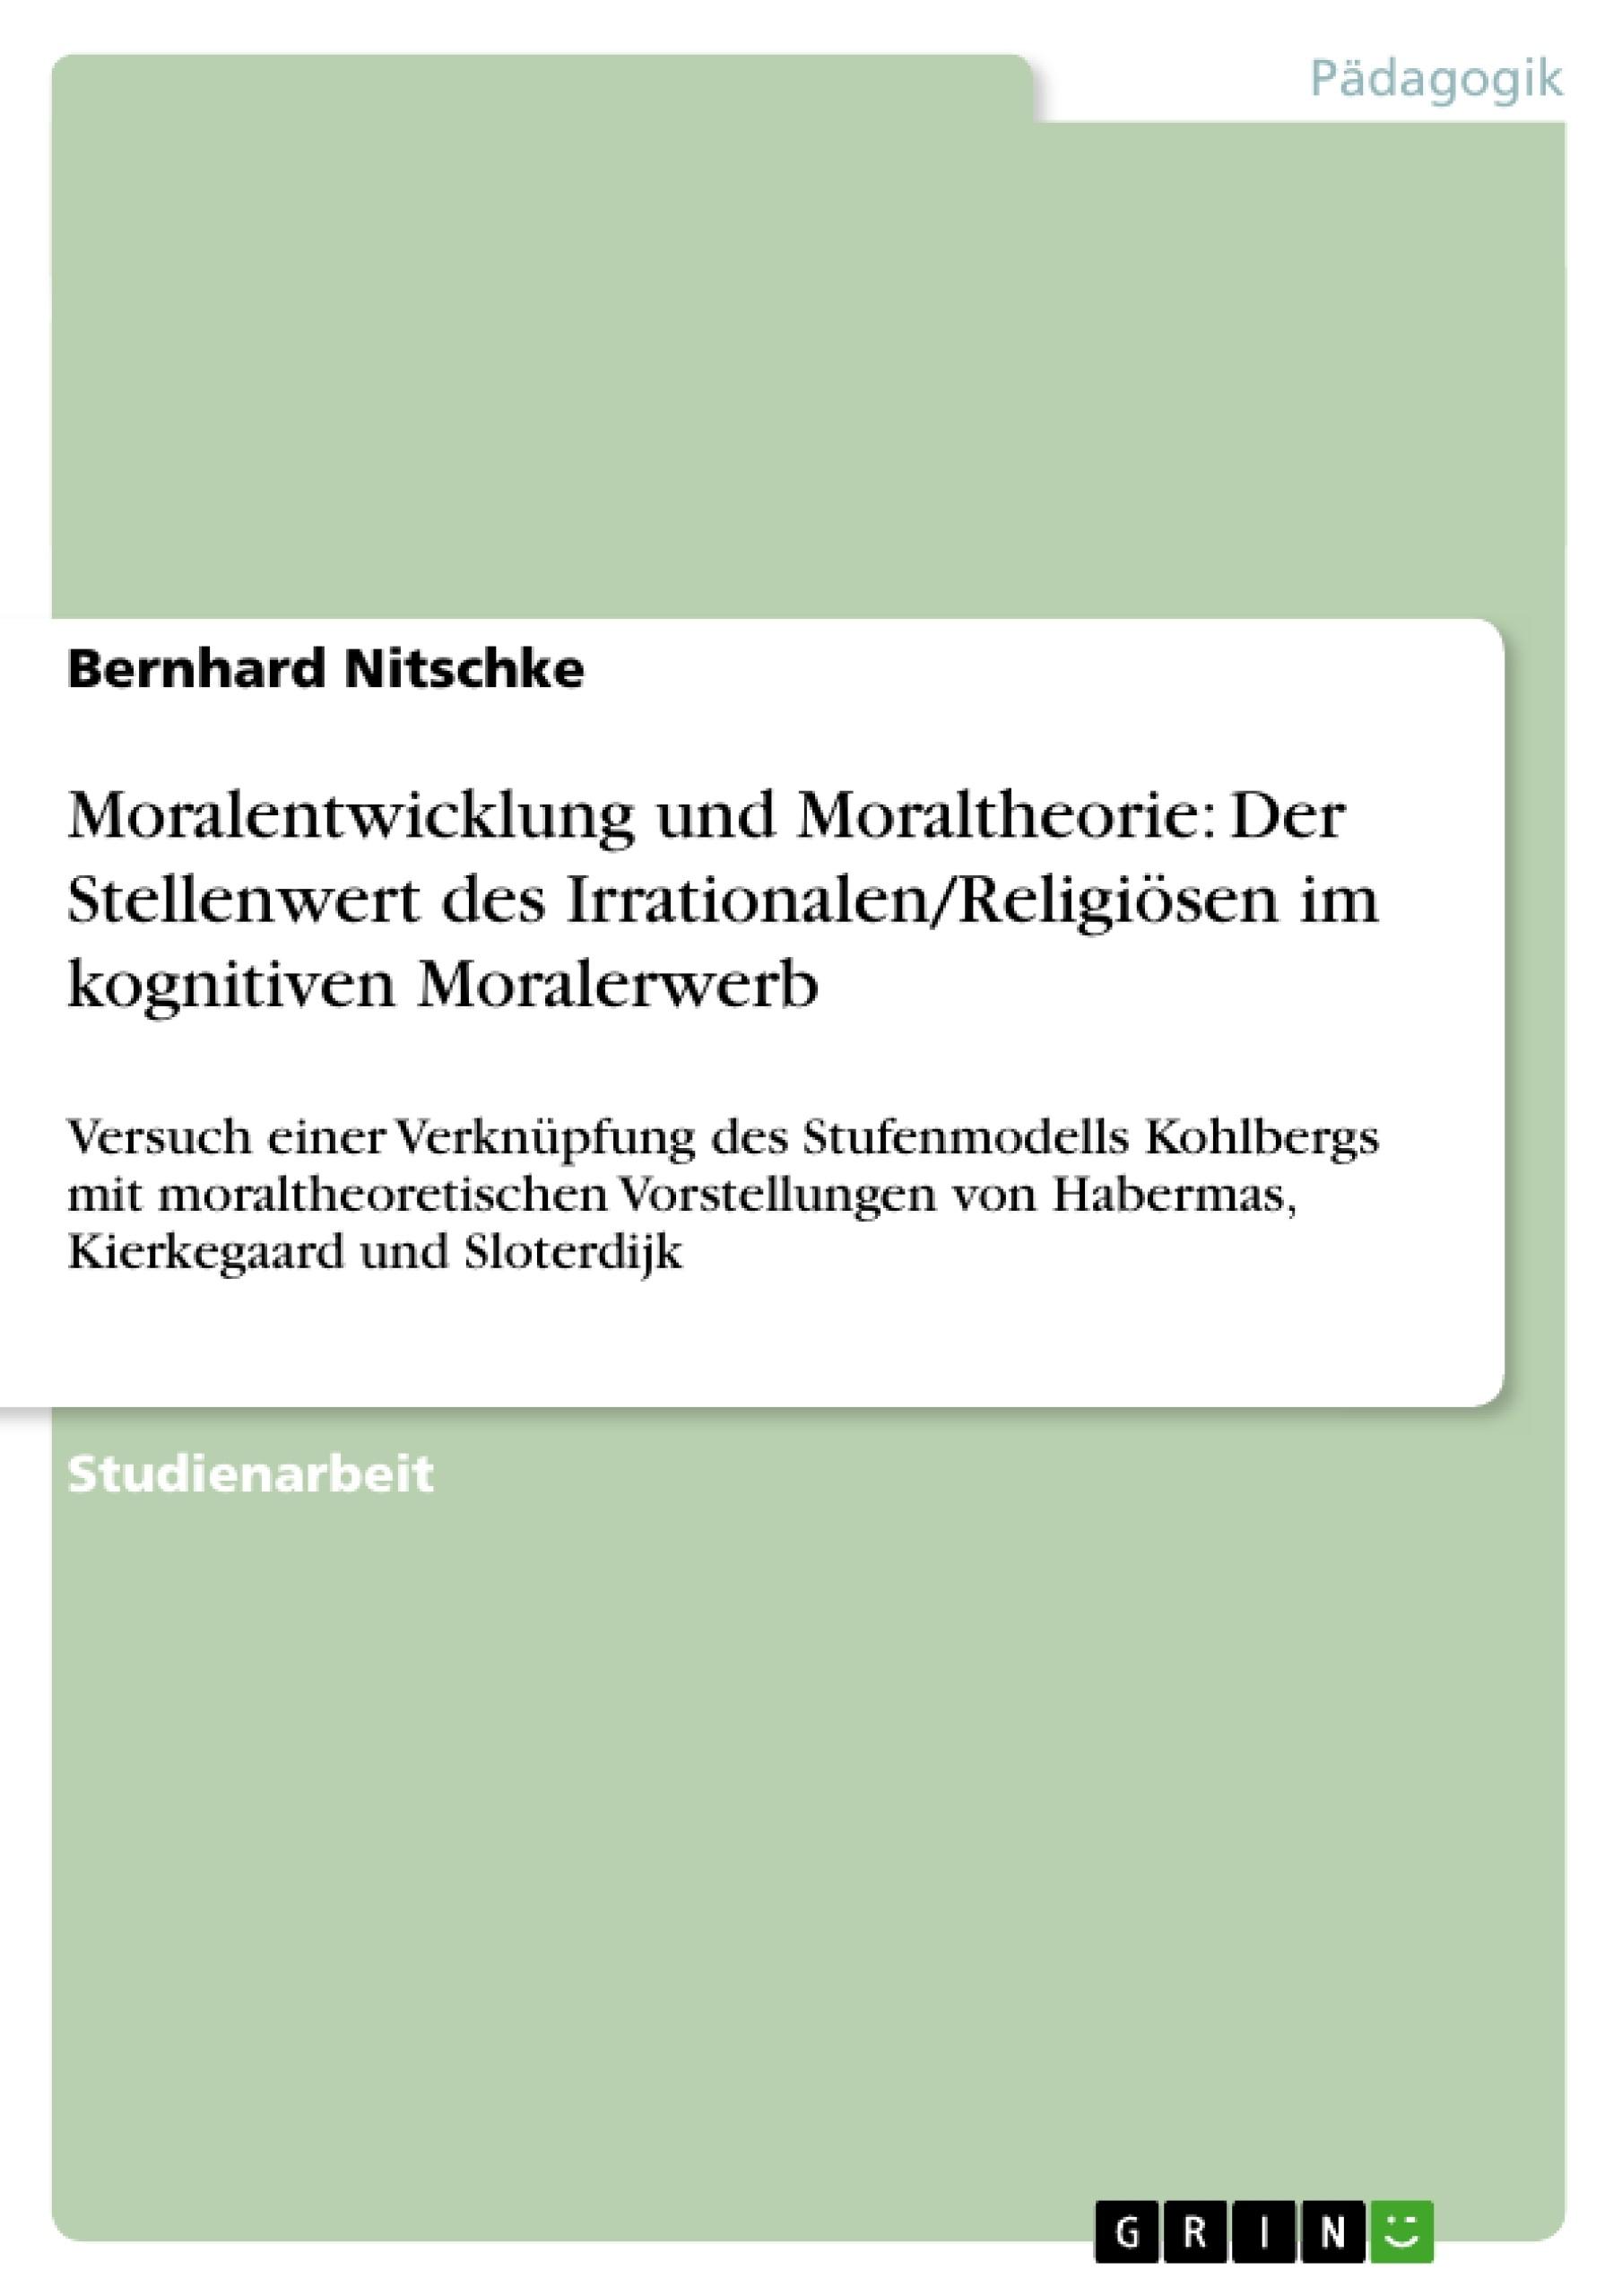 Titel: Moralentwicklung und Moraltheorie: Der Stellenwert des Irrationalen/Religiösen im kognitiven Moralerwerb